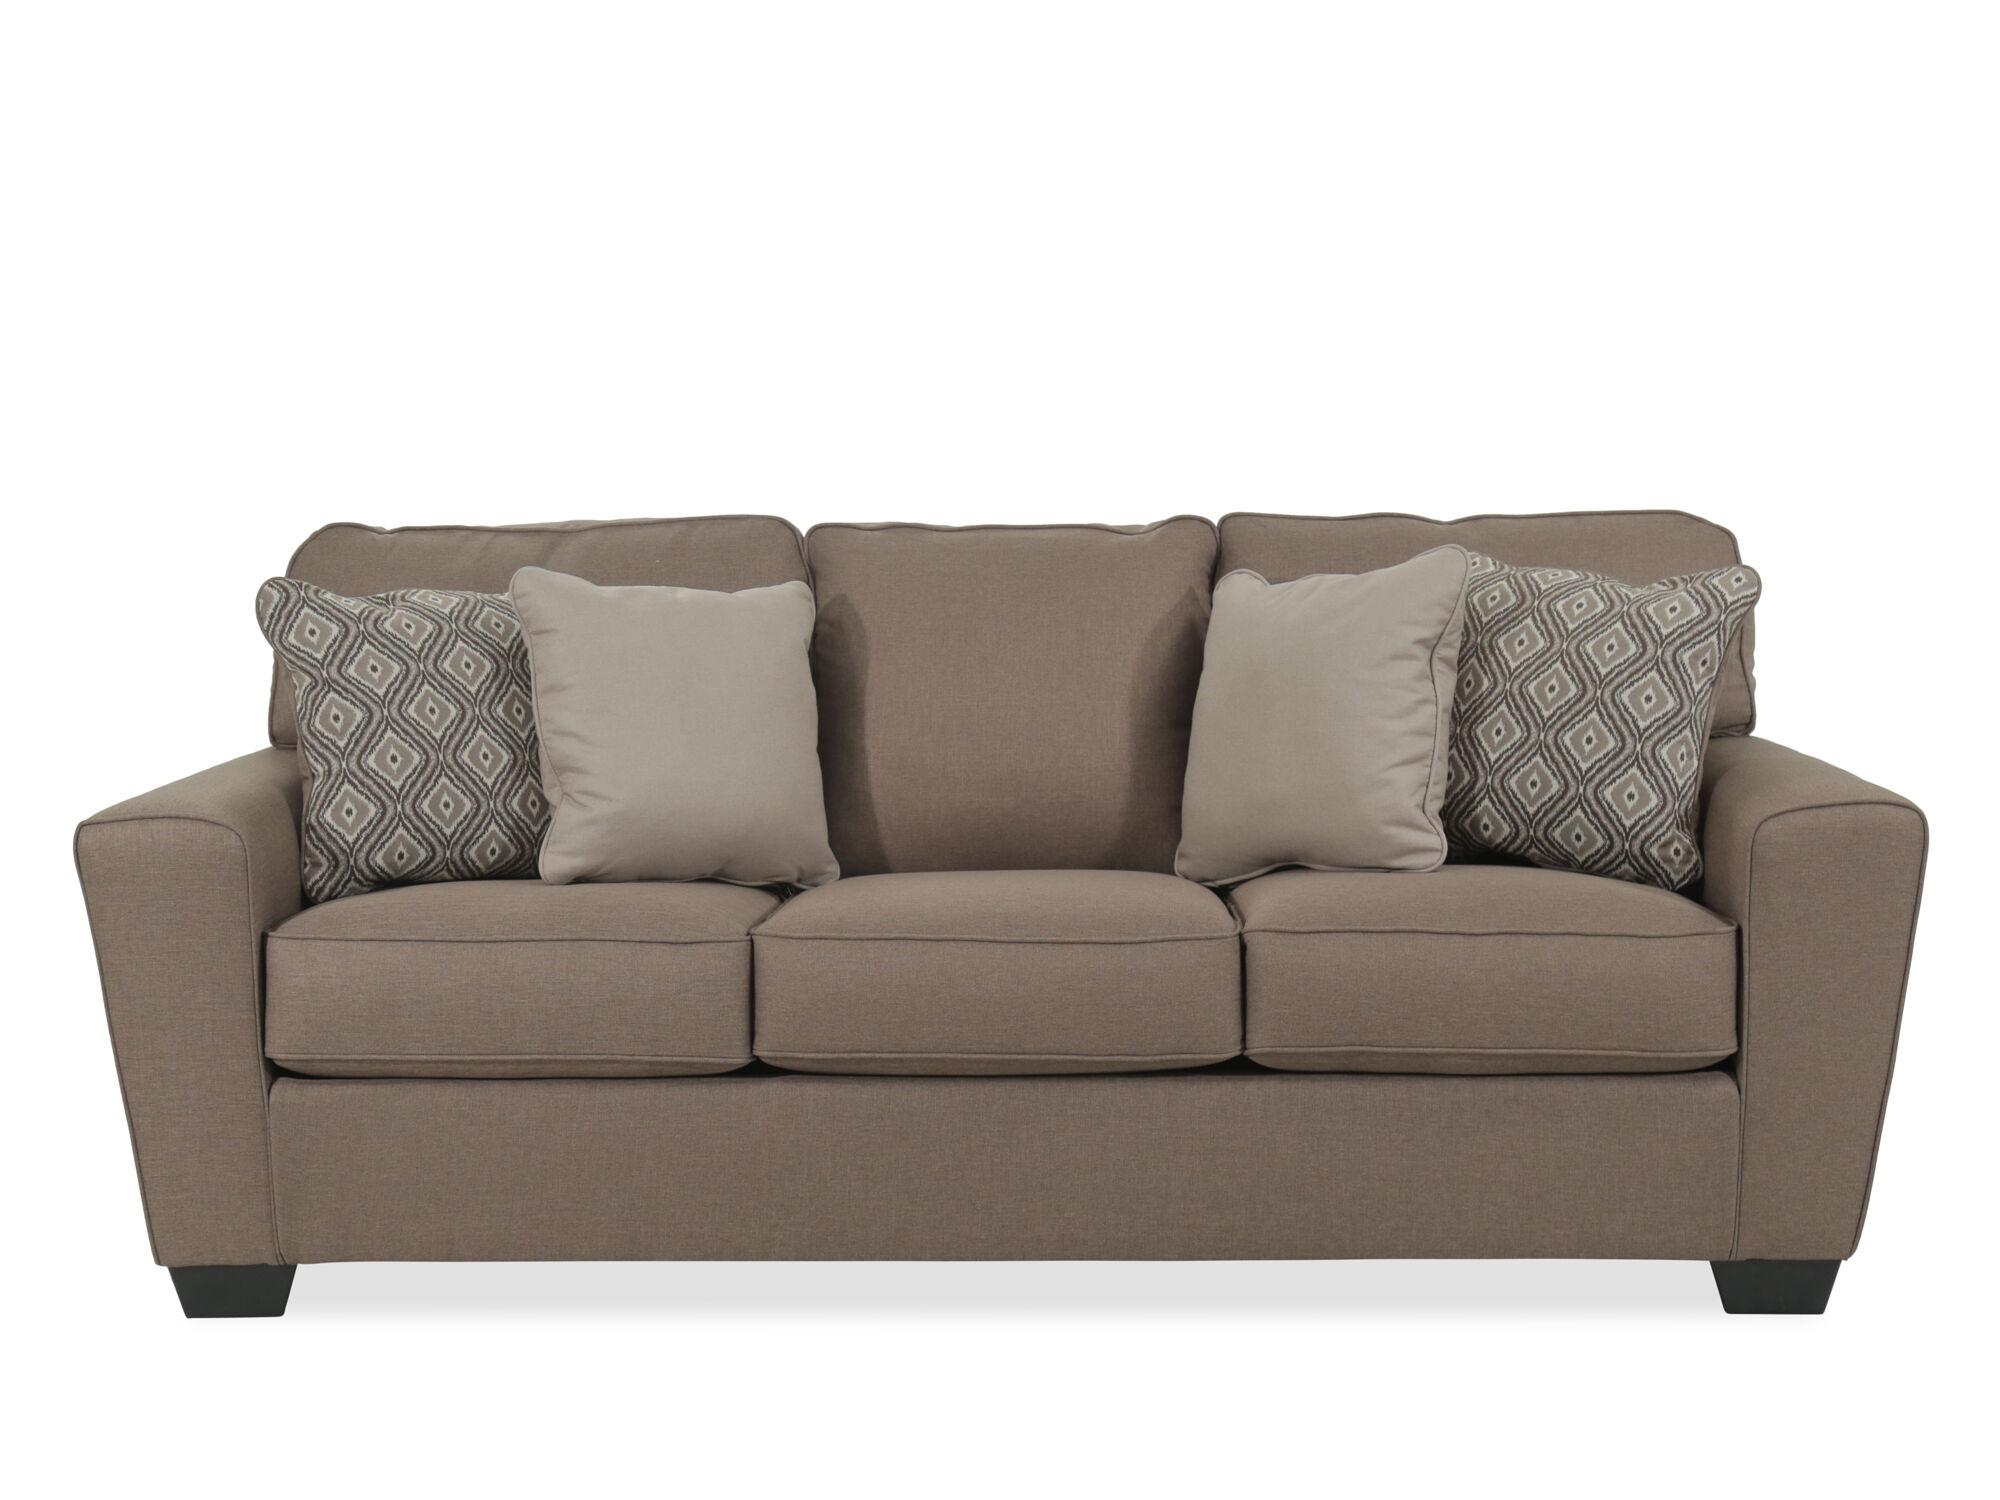 Images Contemporary 87u0026quot; Three Seater Sofa In Brown Contemporary  87u0026quot; Three Seater Sofa In Brown